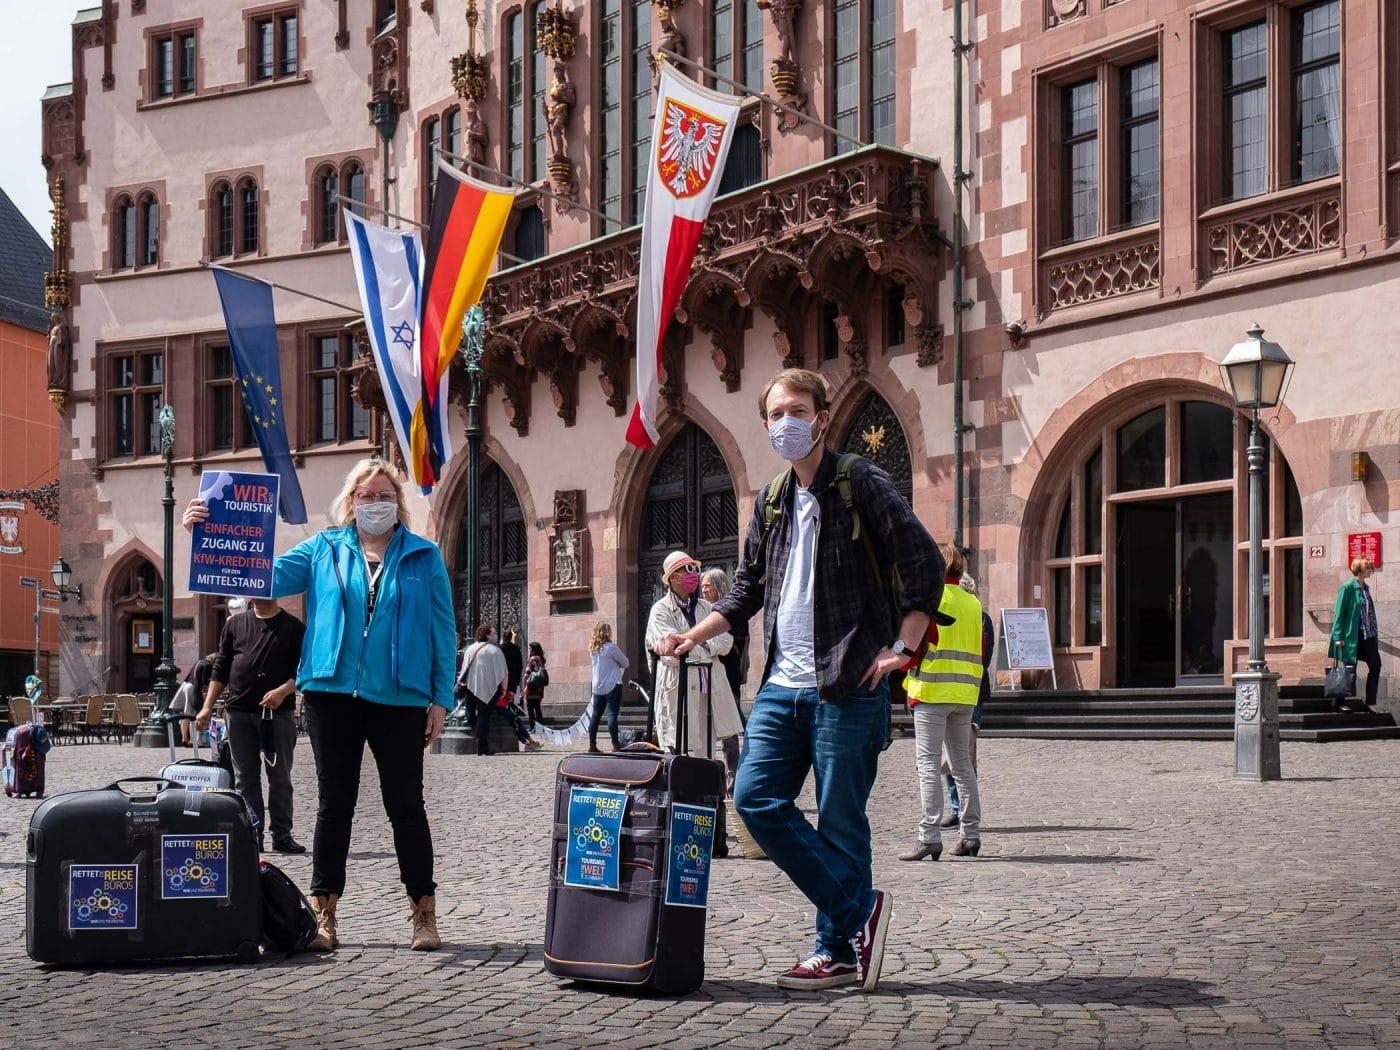 Pressefotos Touristik Braune 0010